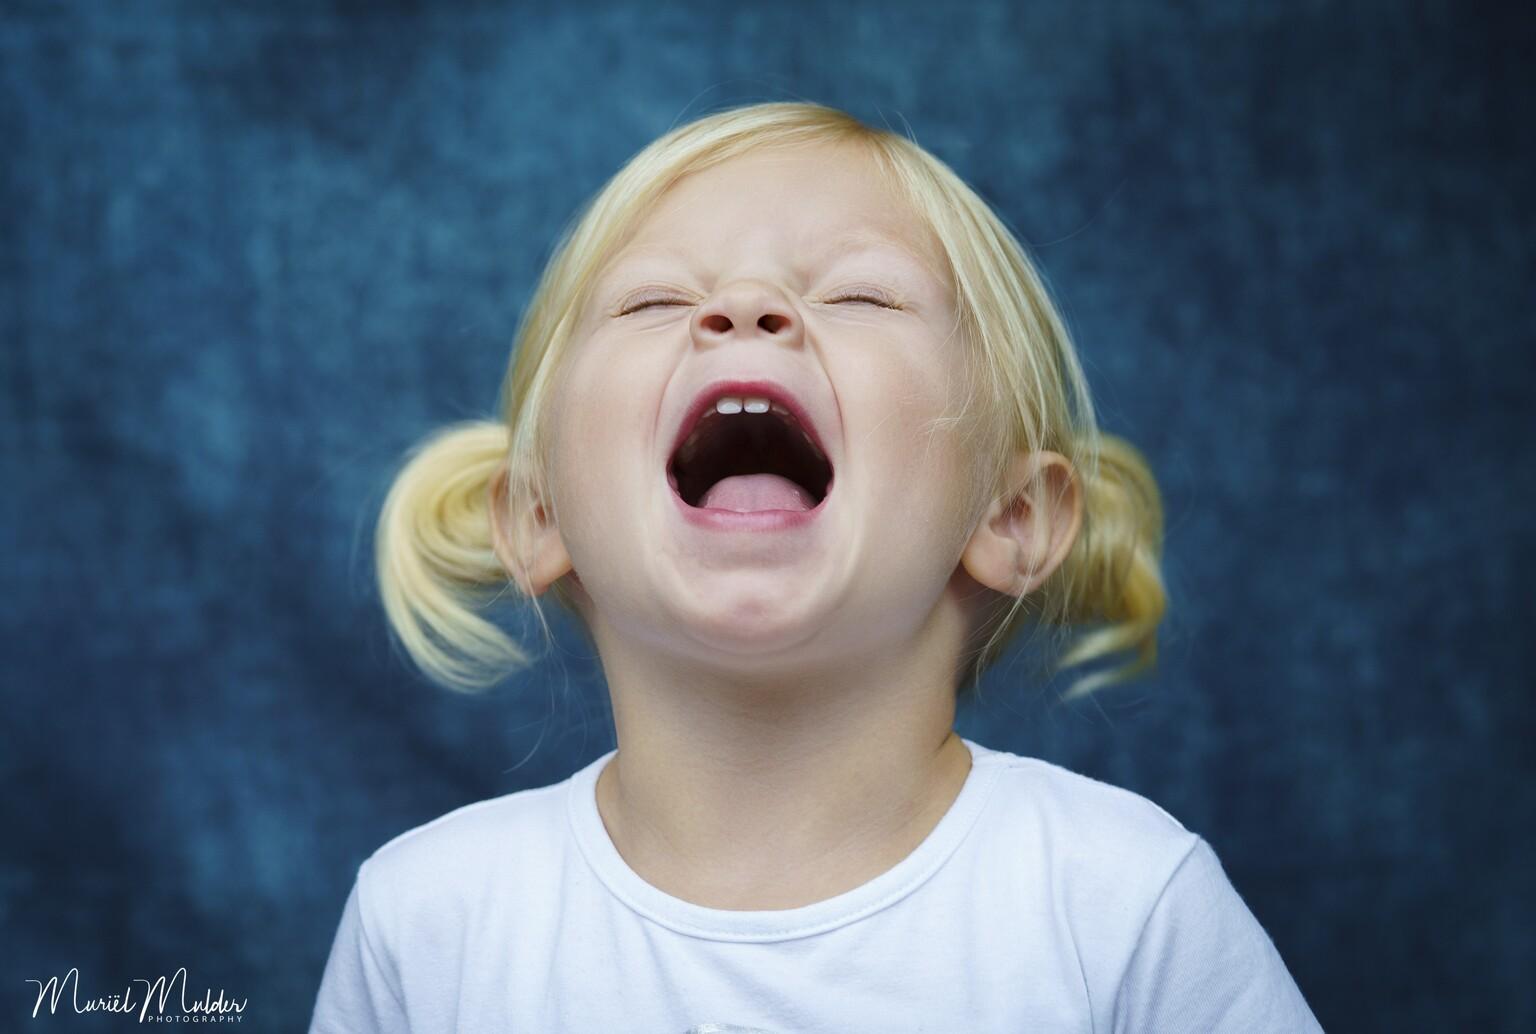 """Saar - Saar zingt """"Let it gooooooo"""" van de Disney film Frozen. - foto door Justmuur op 15-04-2021 - deze foto bevat: portret, portretfotografie, kind, kindmodel, meisje, kleuter, lachen, zingen, kleding, neus, wang, lip, wimper, flitsfotografie, oor, kaak, gelukkig, gebaar"""